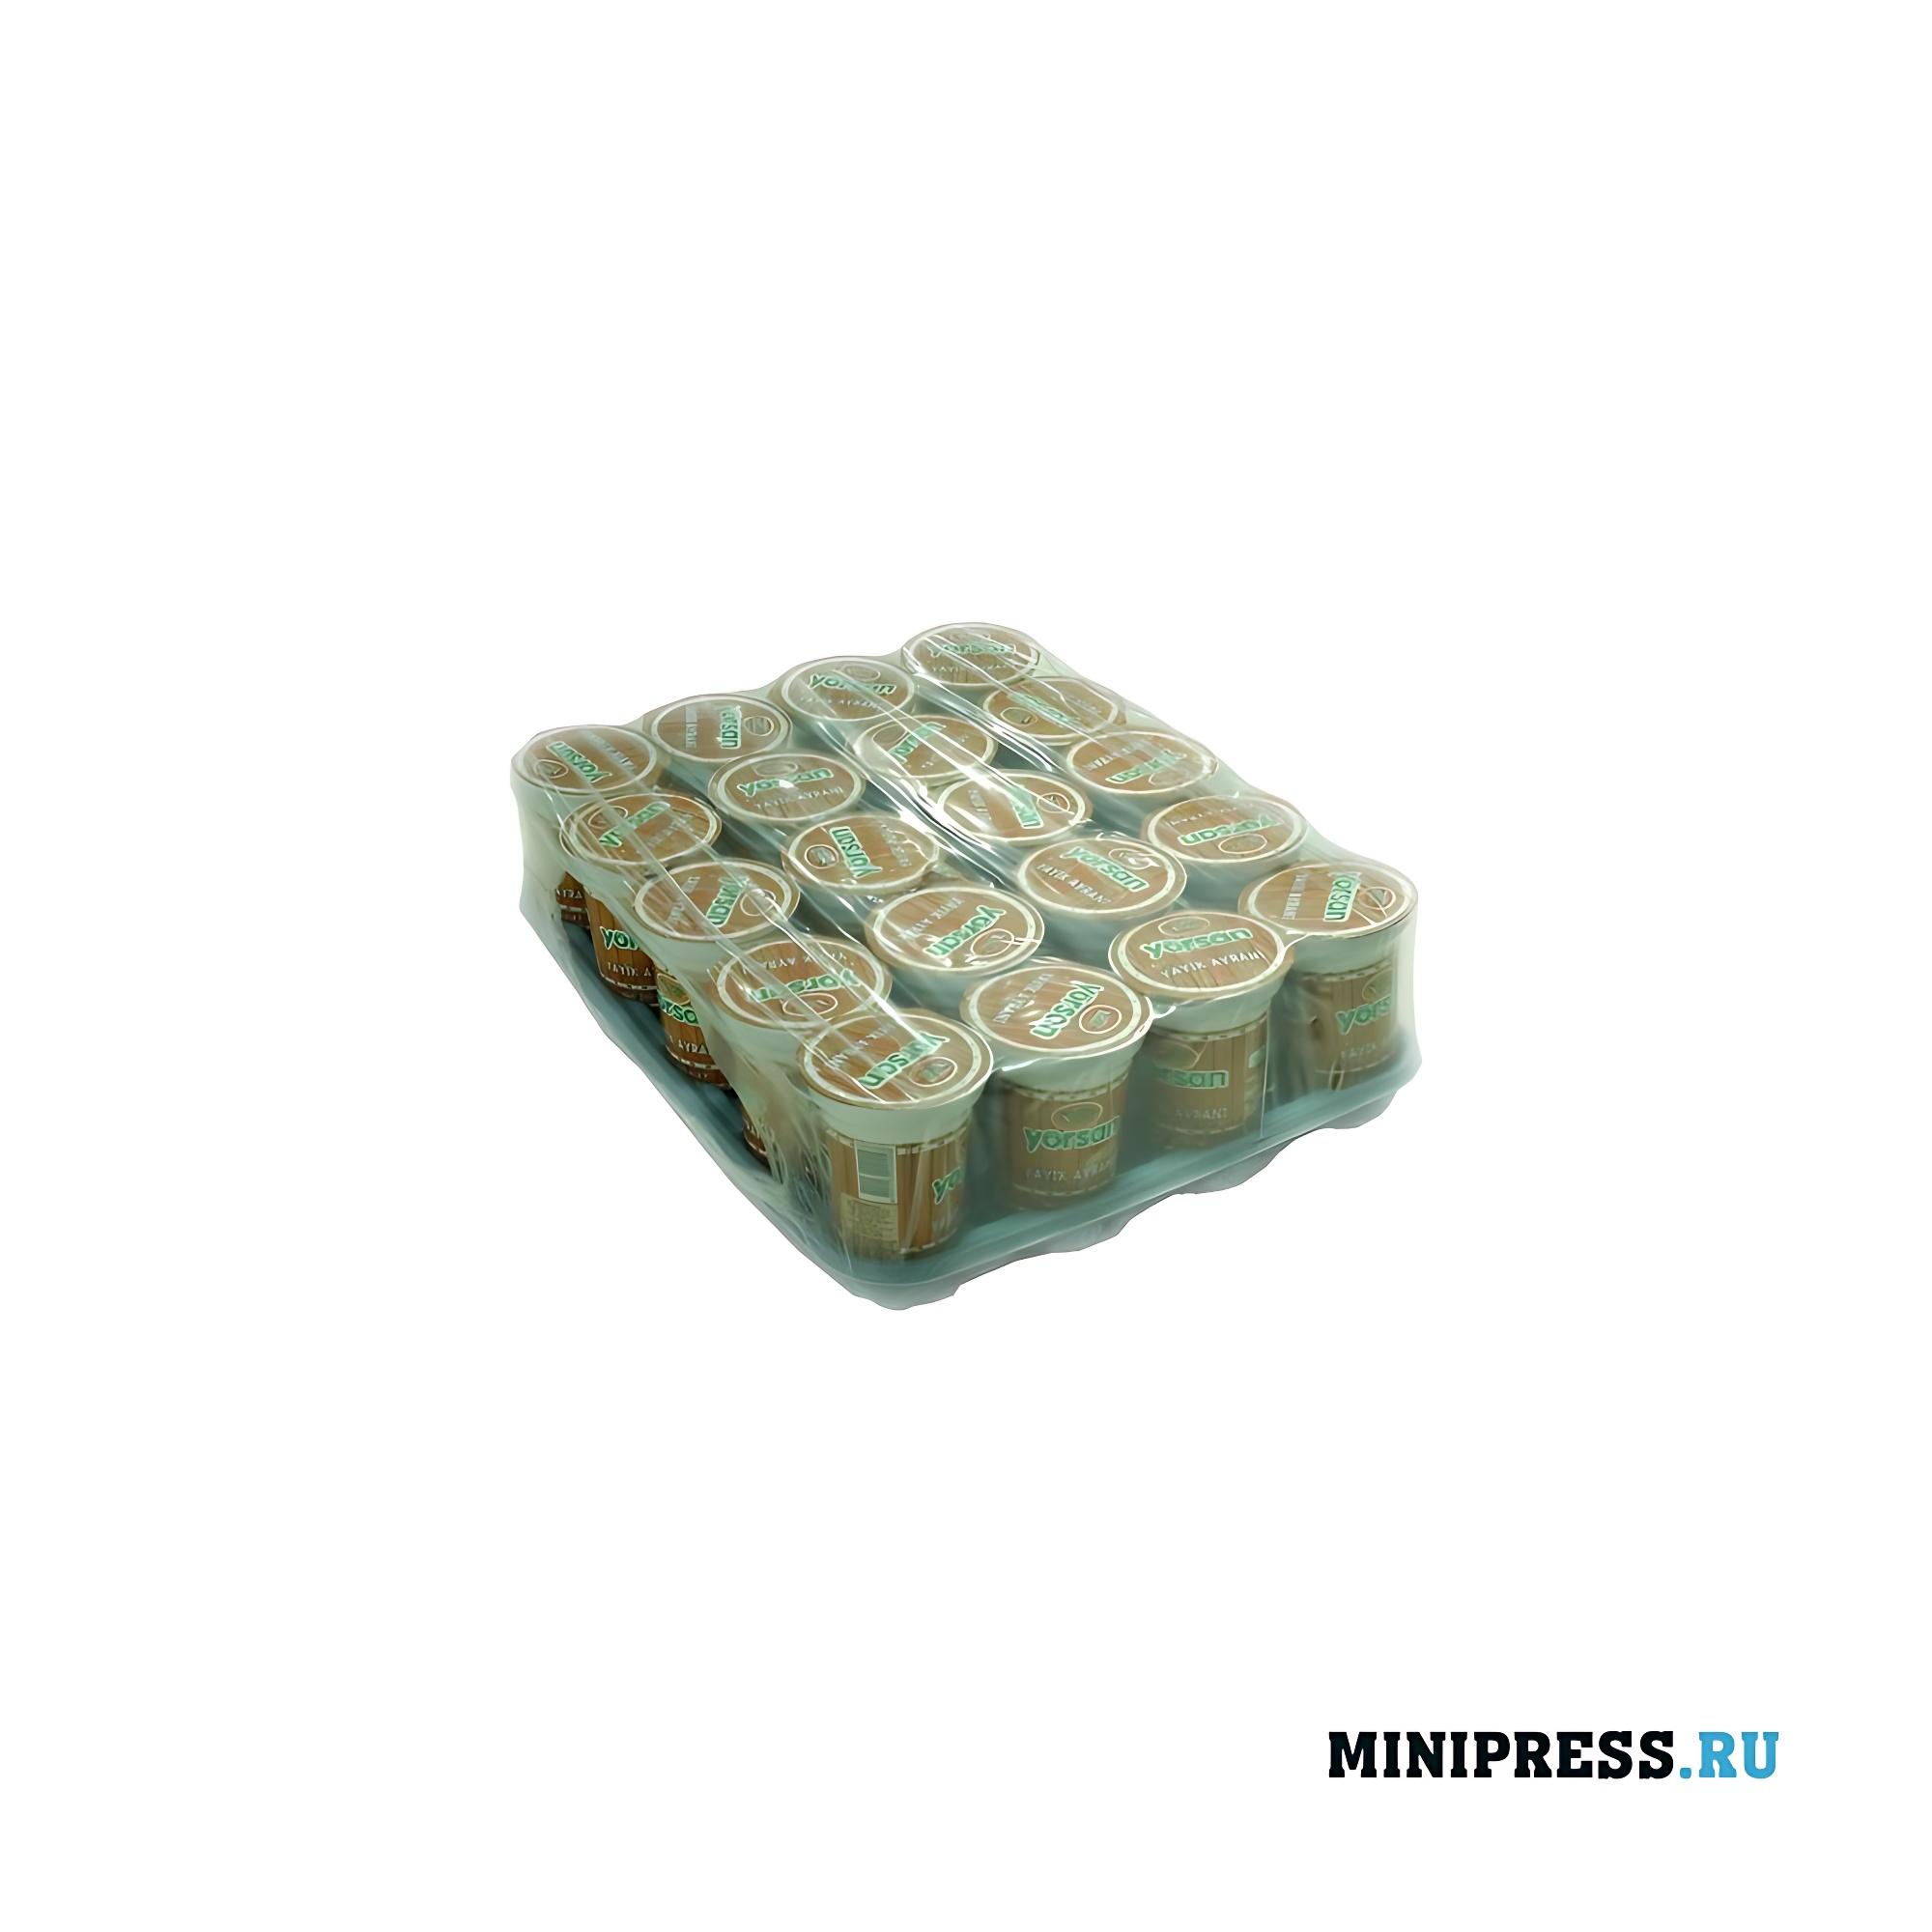 Обертывание упаковок с площадкой (прокладкой)